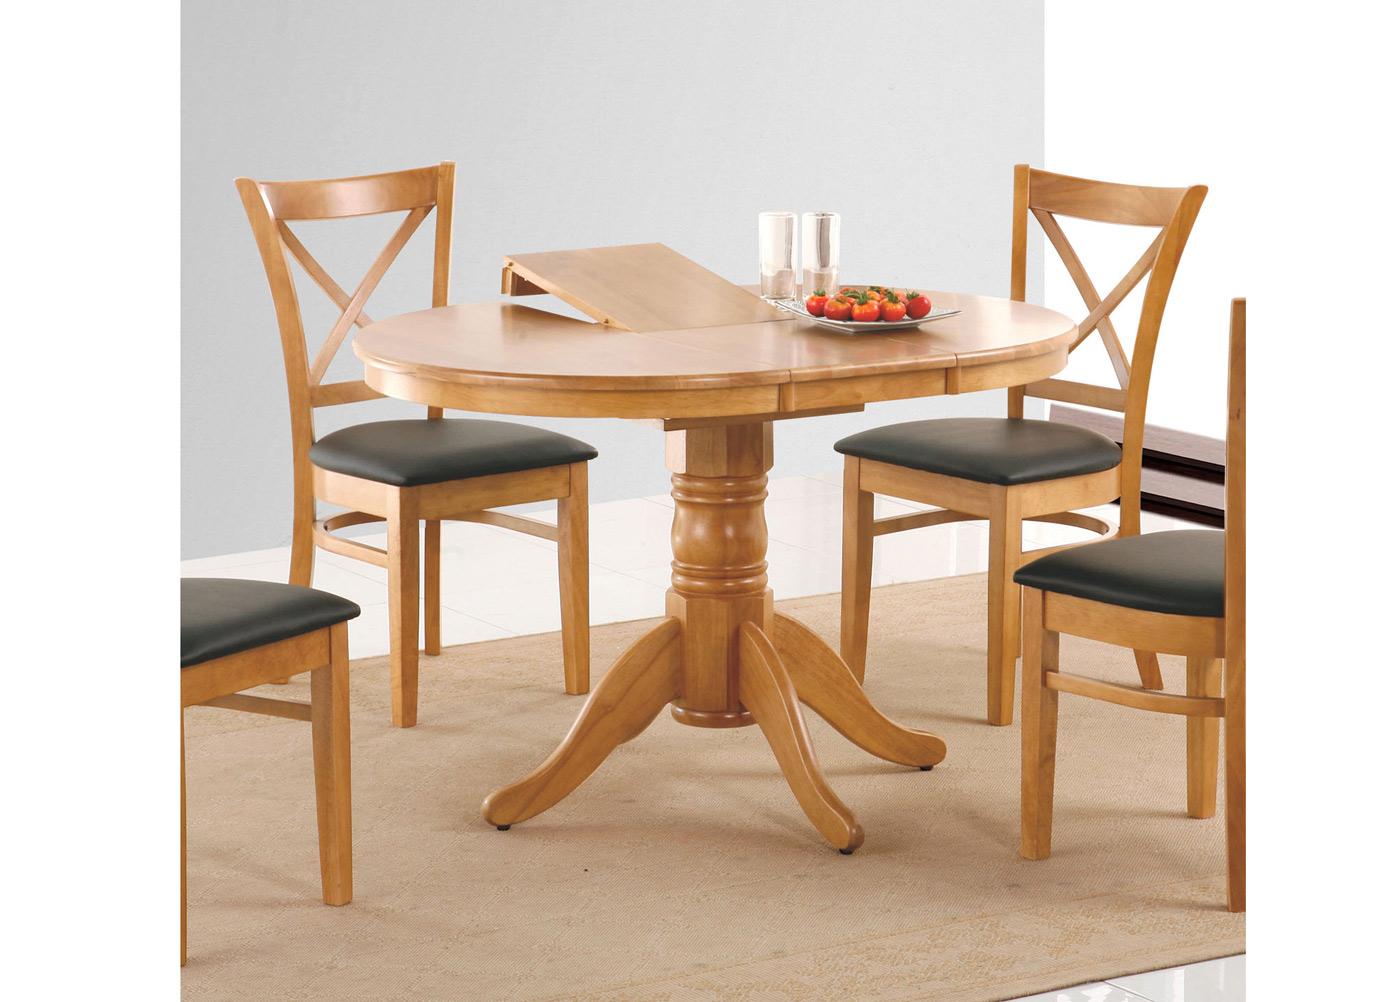 Jatkettava ruokapöytä MIX & MATCH 90x90+30 cm